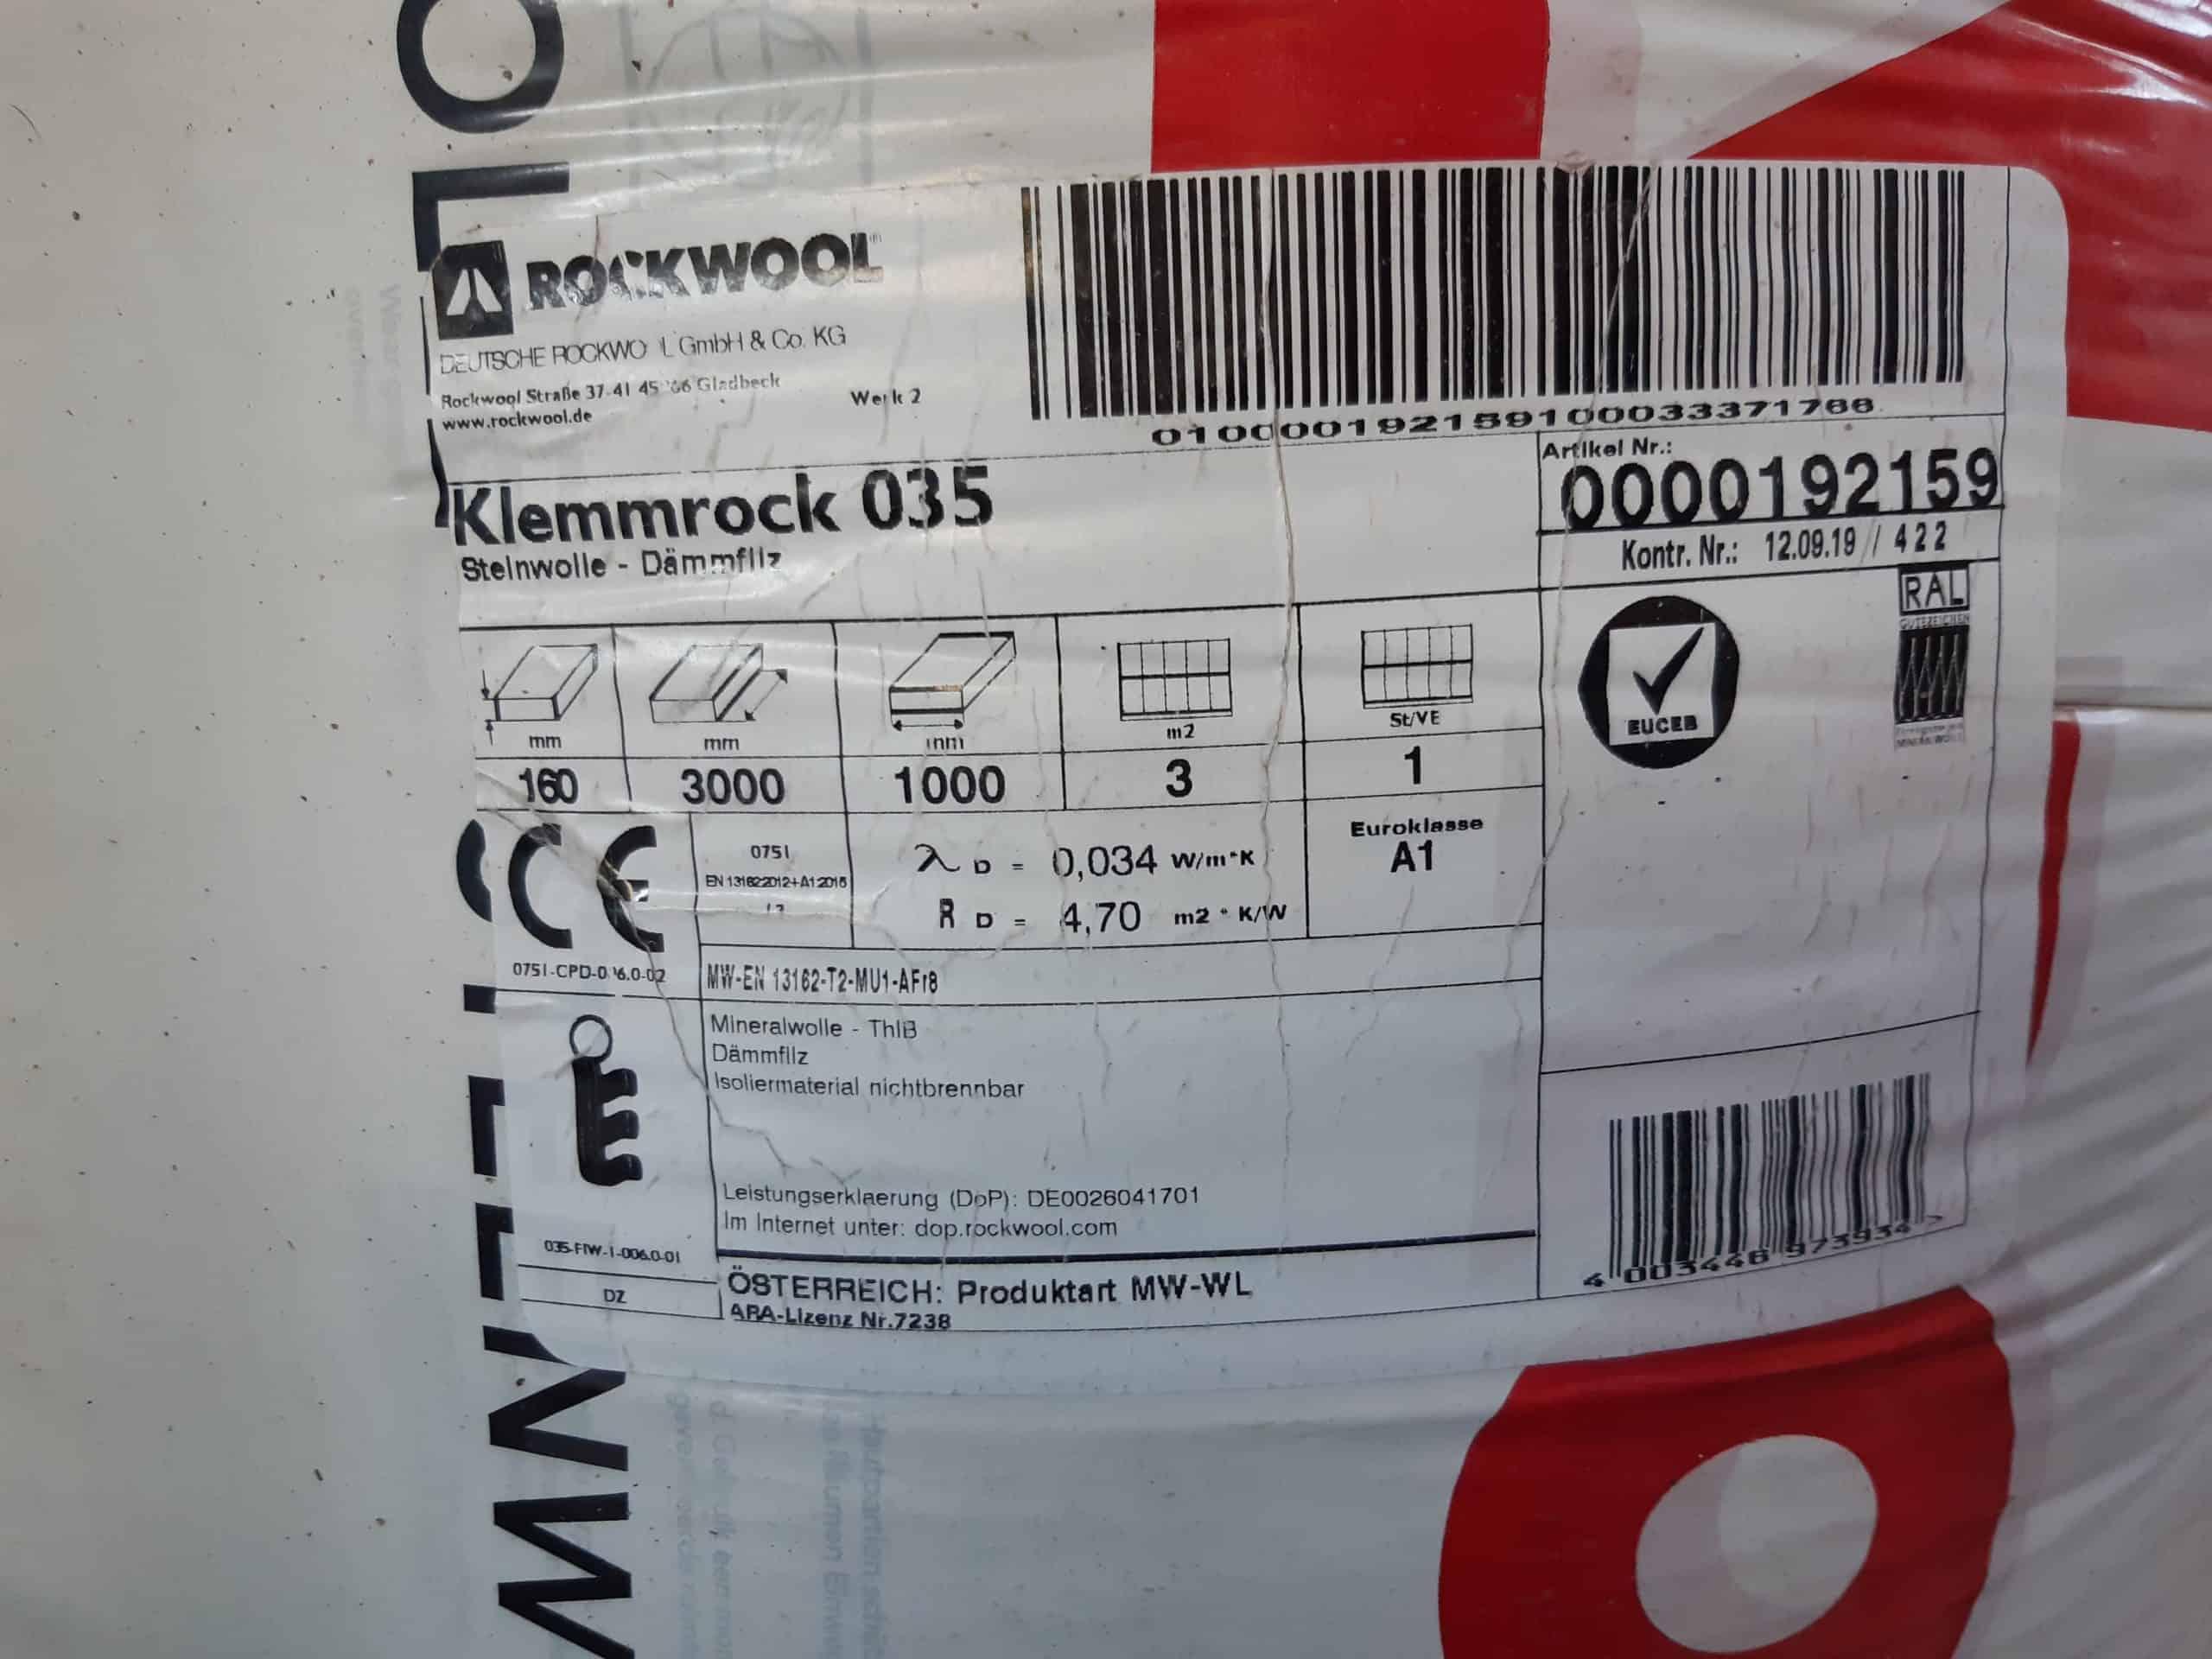 Rockwool Klemmrock 035 3000 x 1000 x 160 mm